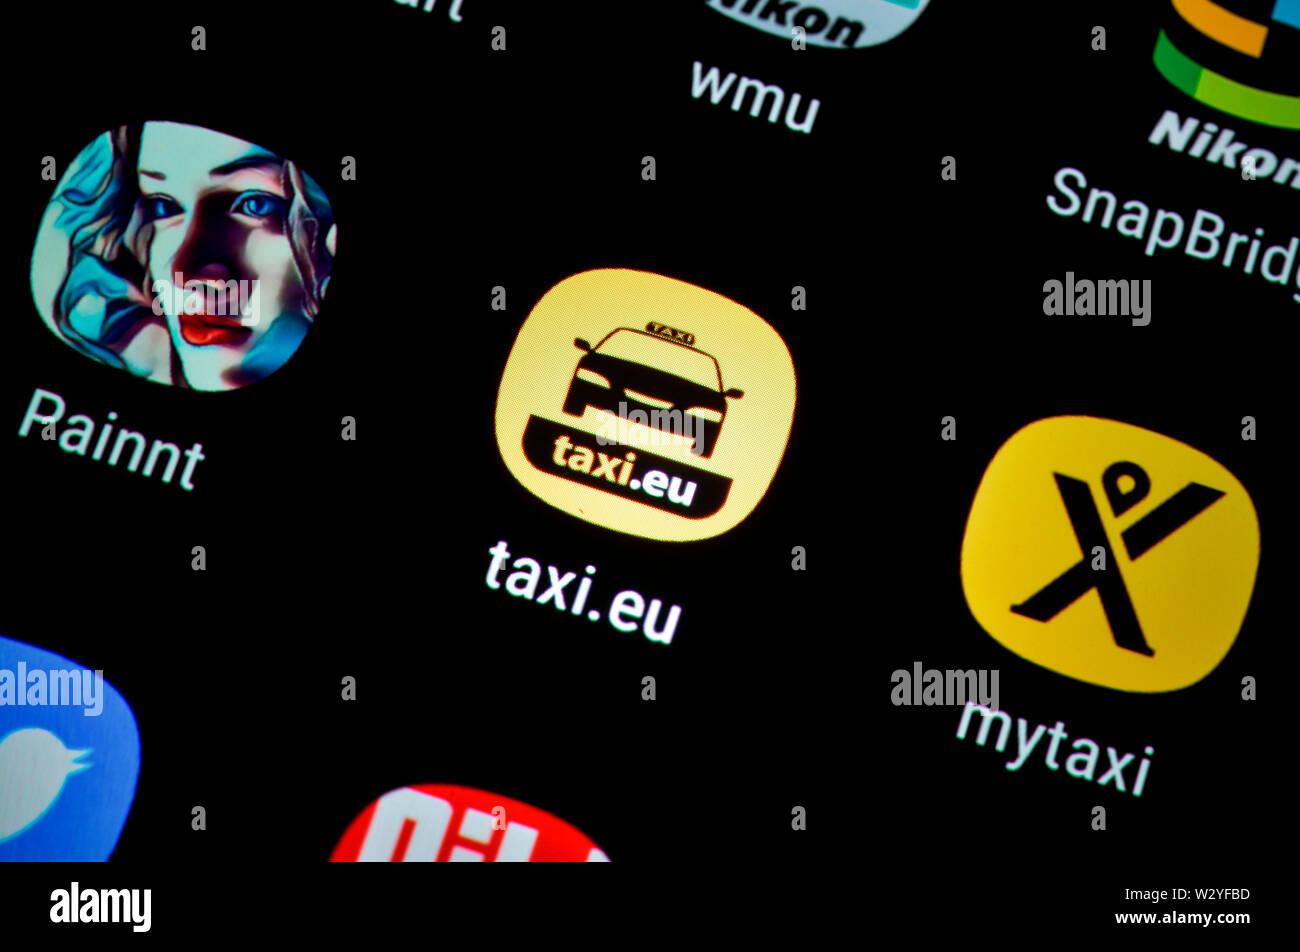 Smartphone, Display, App, taxi.eu - Stock Image